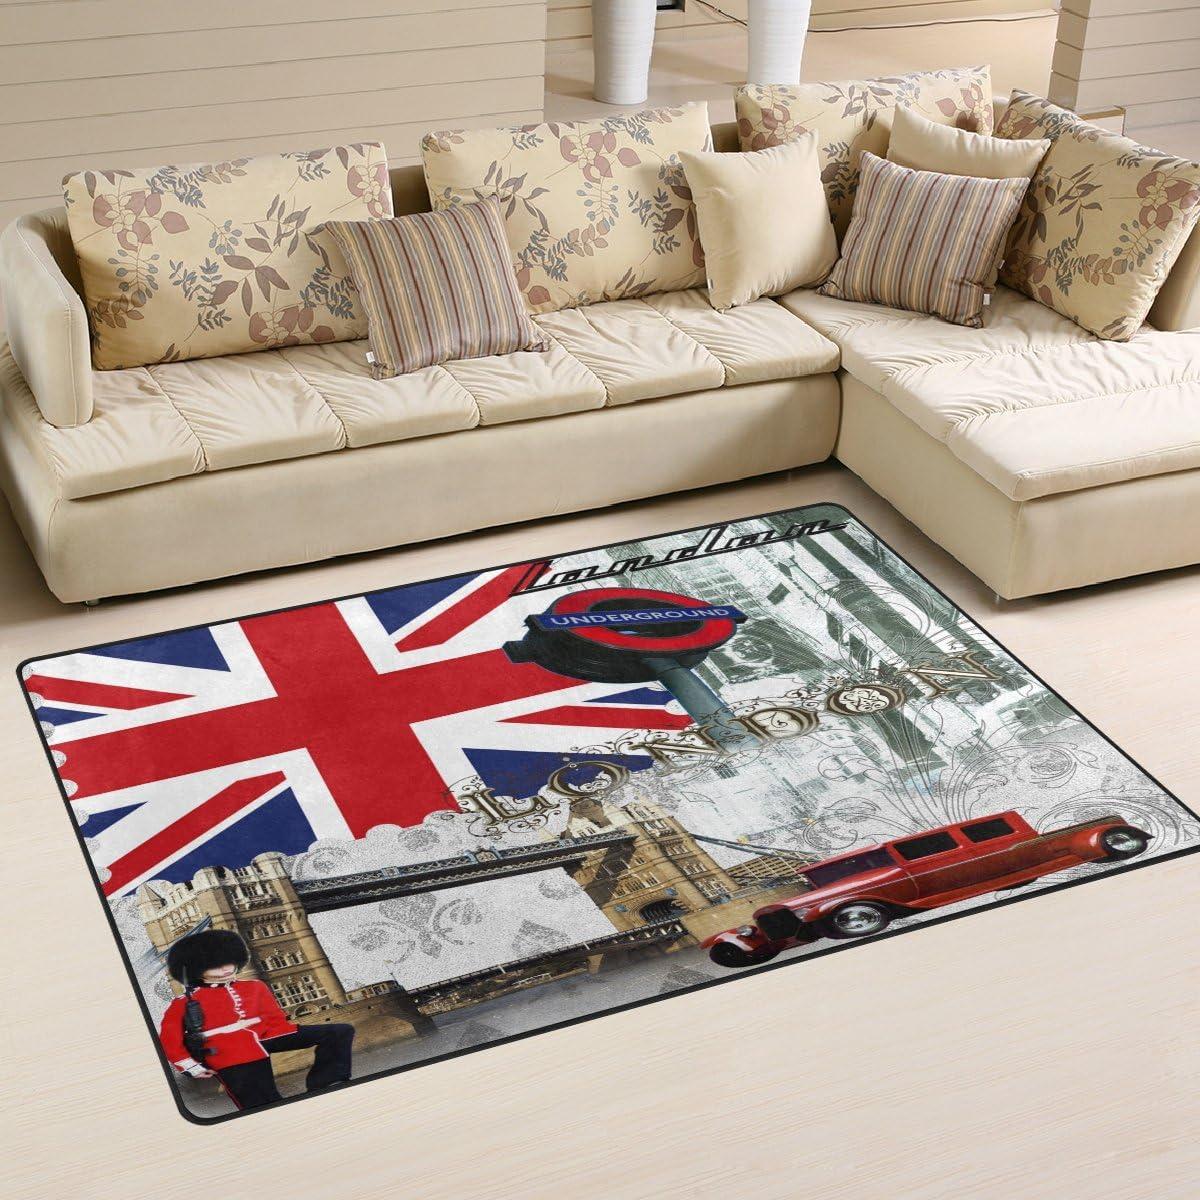 Naanle Cocina 50 x 80 cm 50 x 80 cm Alfombra Antideslizante para sal/ón Dormitorio 1.7 x 2.6 dise/ño de la Bandera brit/ánica de Londres Comedor